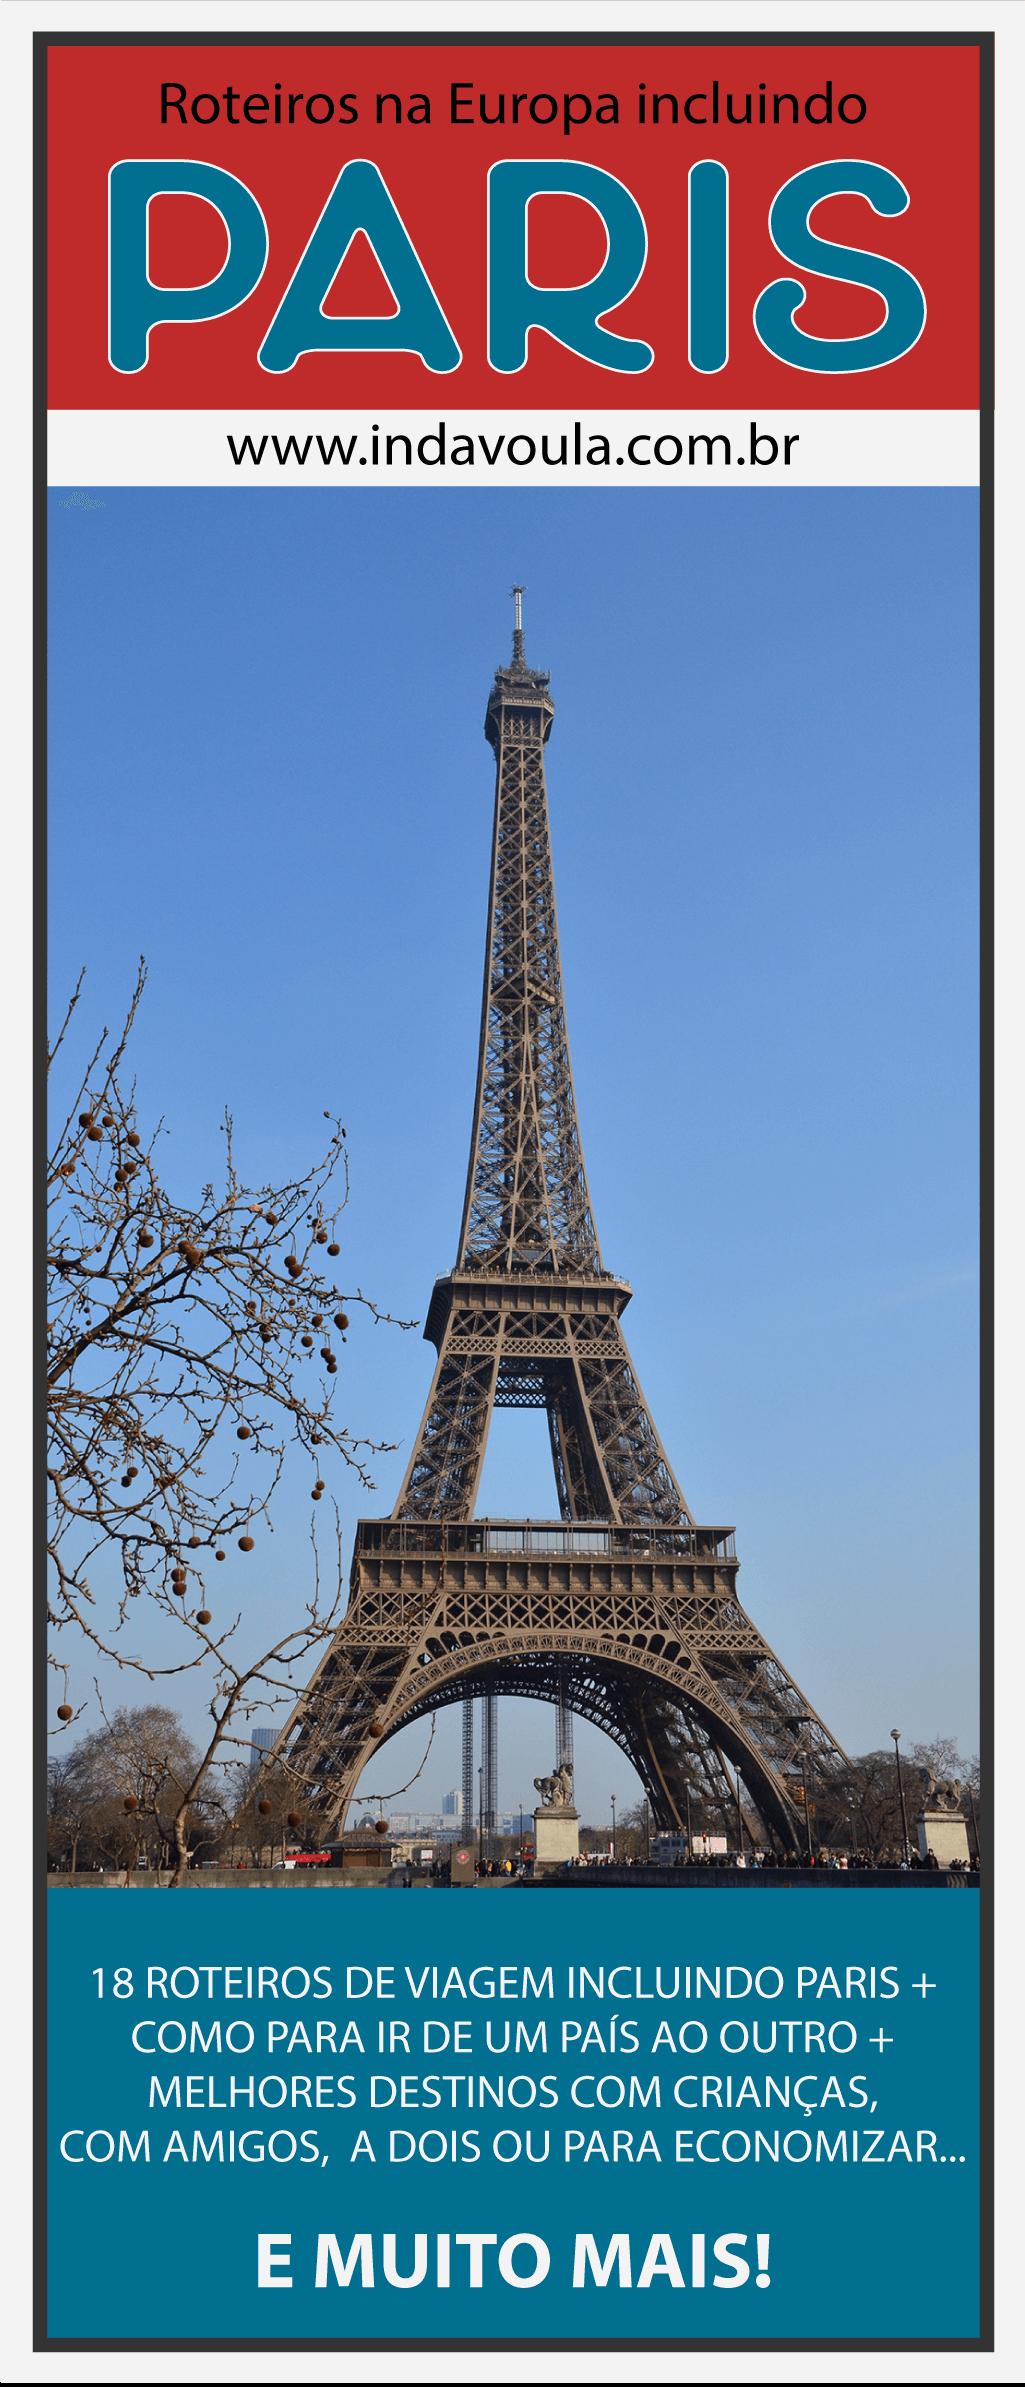 Com quais cidades devo combinar Paris em minha viagem pela Europa?